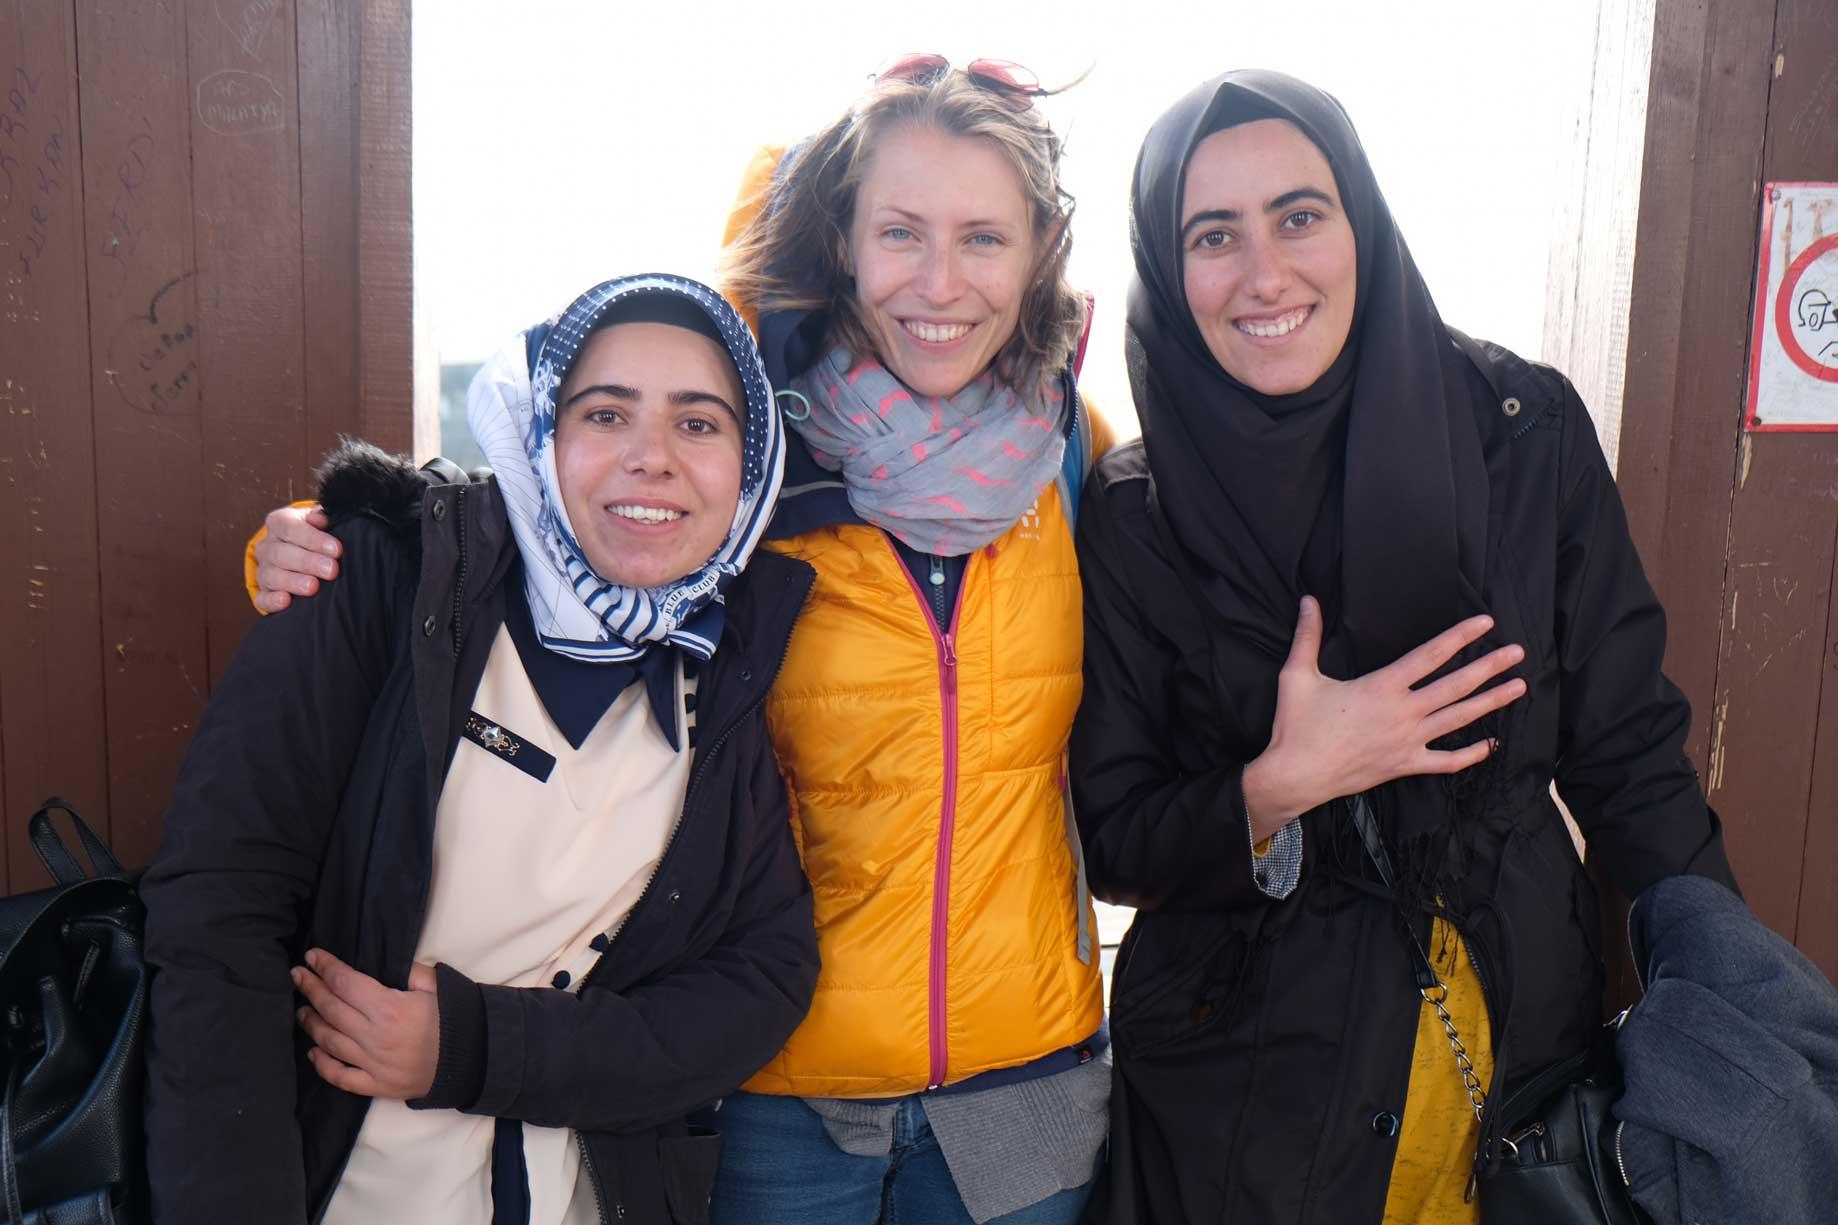 Leo mit zwei Frauen, die beide ein Kopftuch tragen